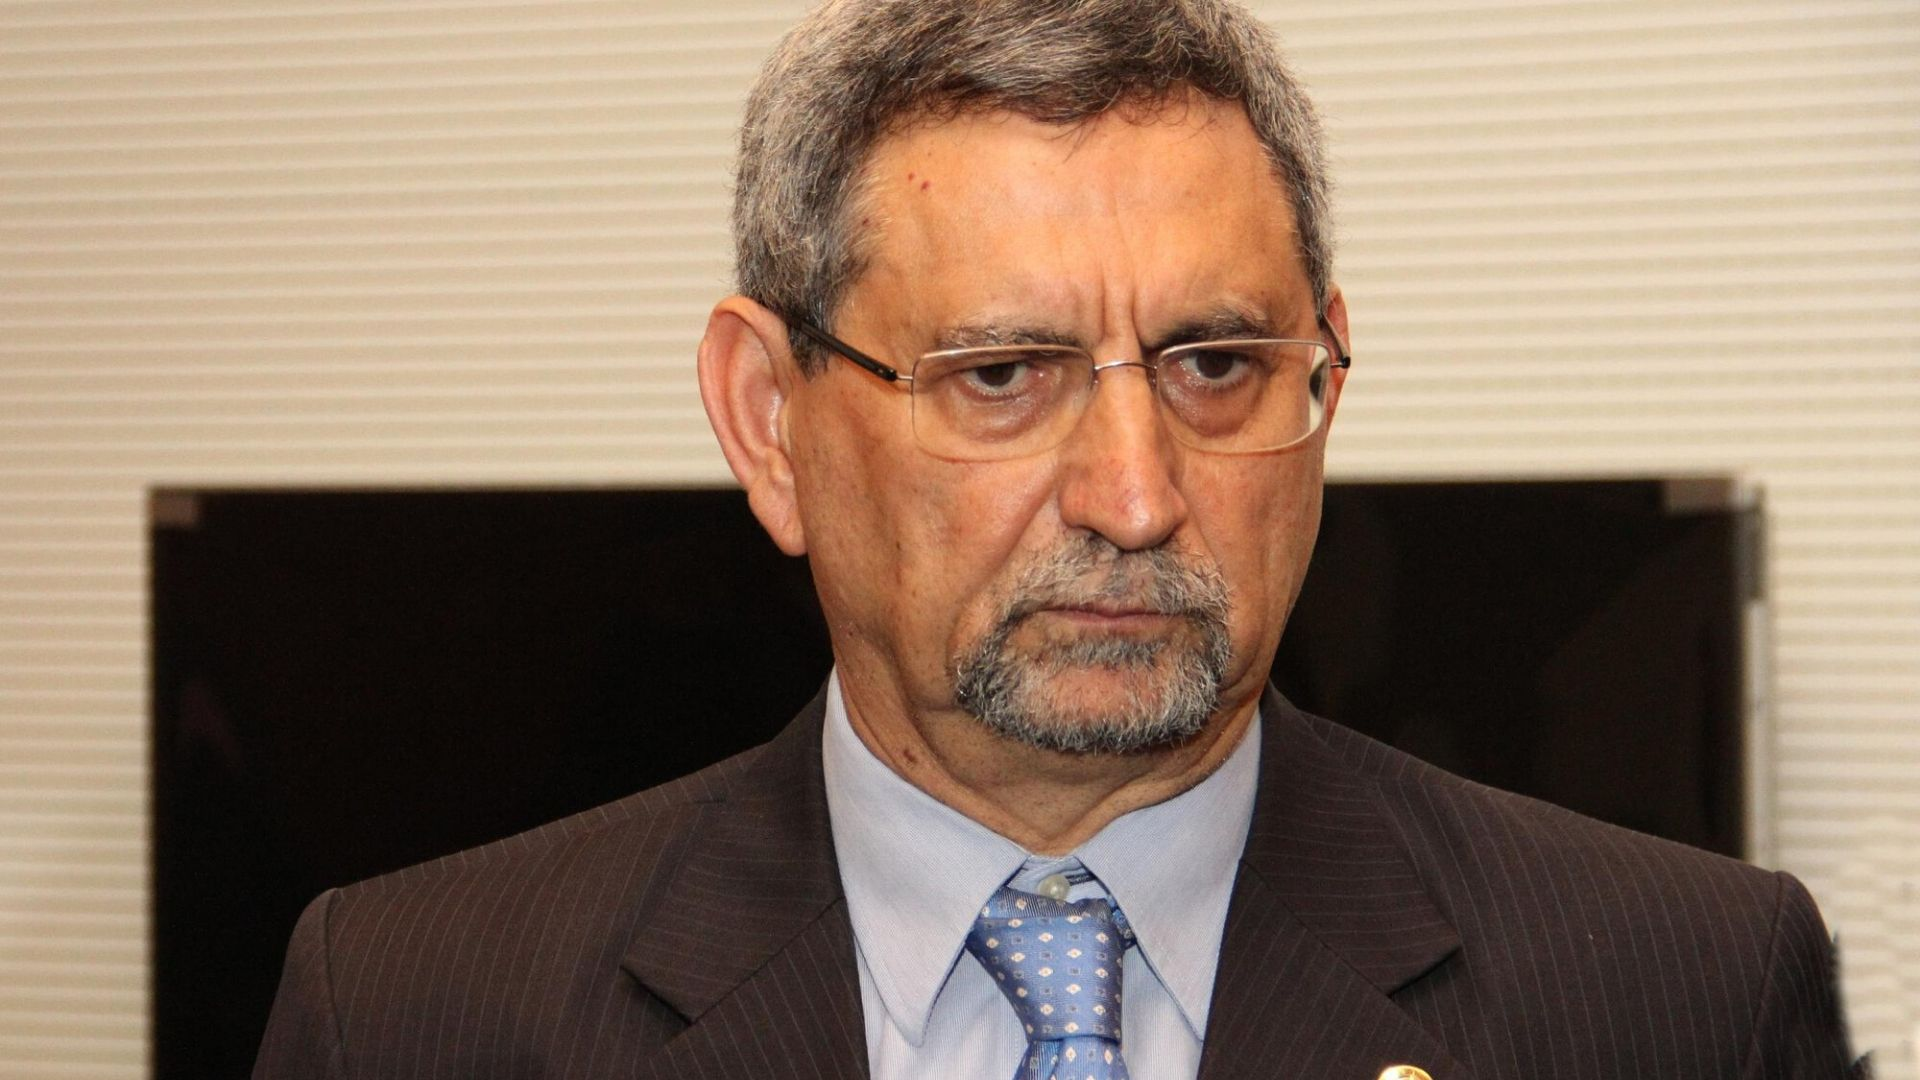 Presidente de Cabo Verde advirtió que el caso de Alex Saab es delicado